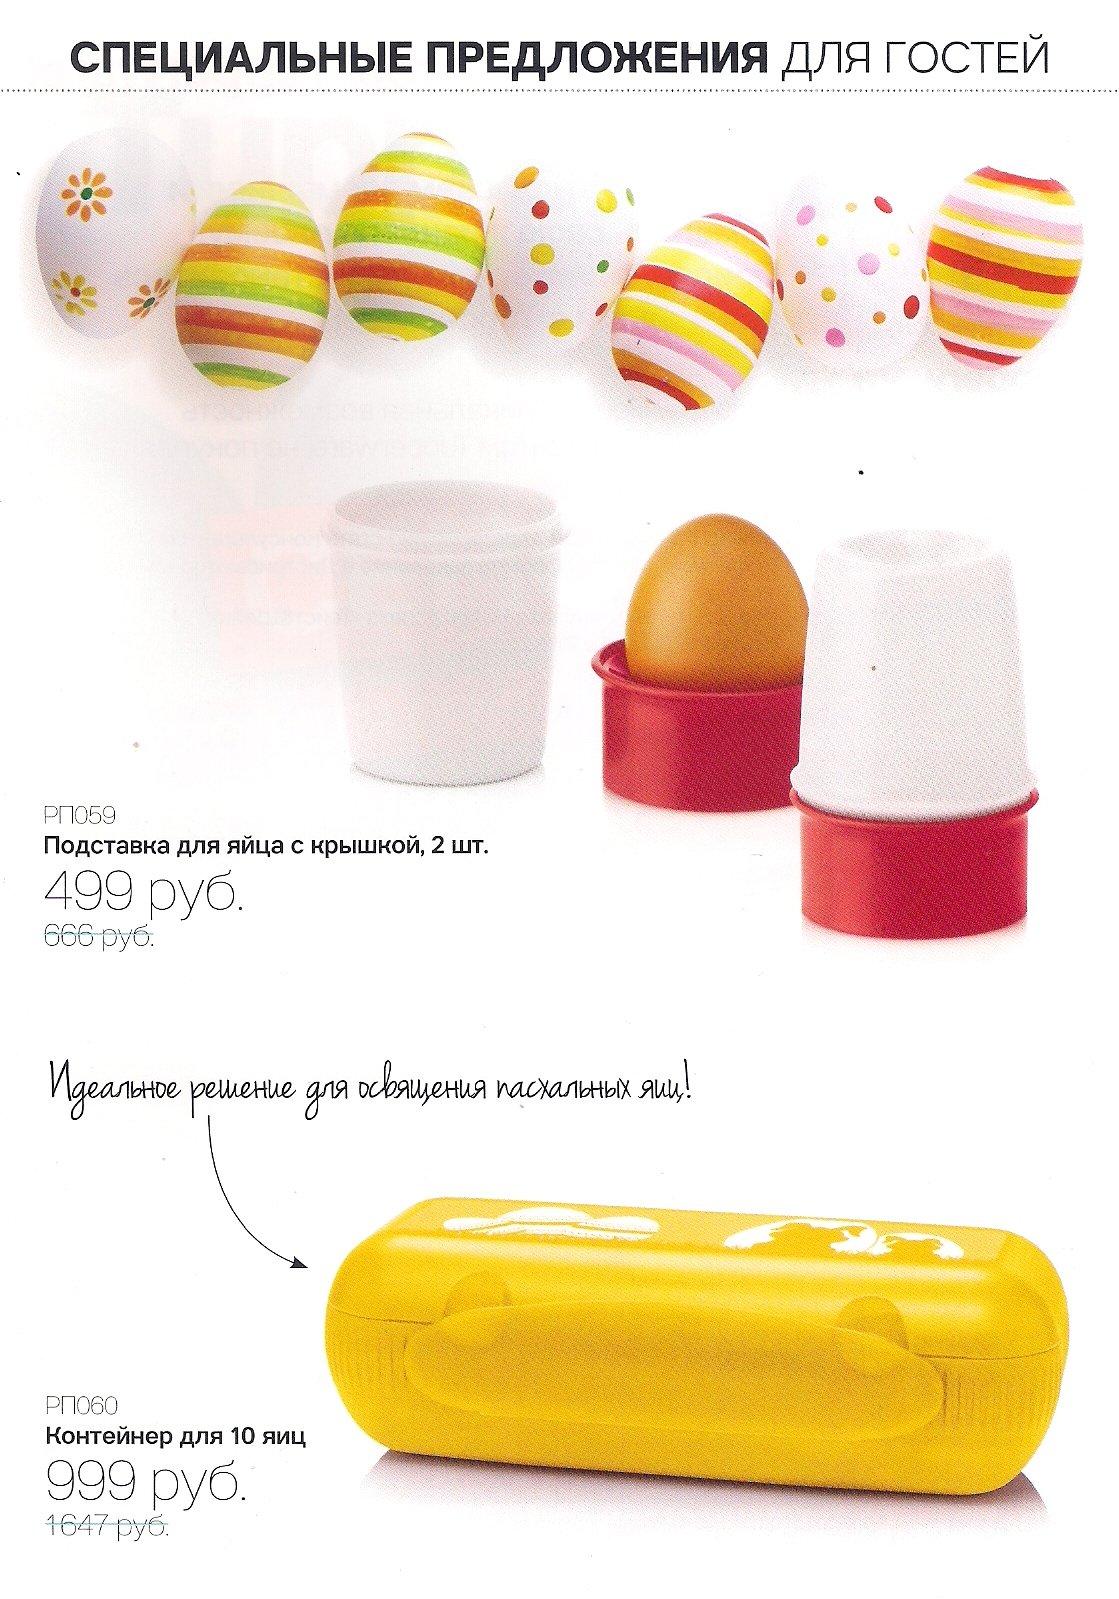 http://tupperware-online.ru/images/upload/18H.jpg